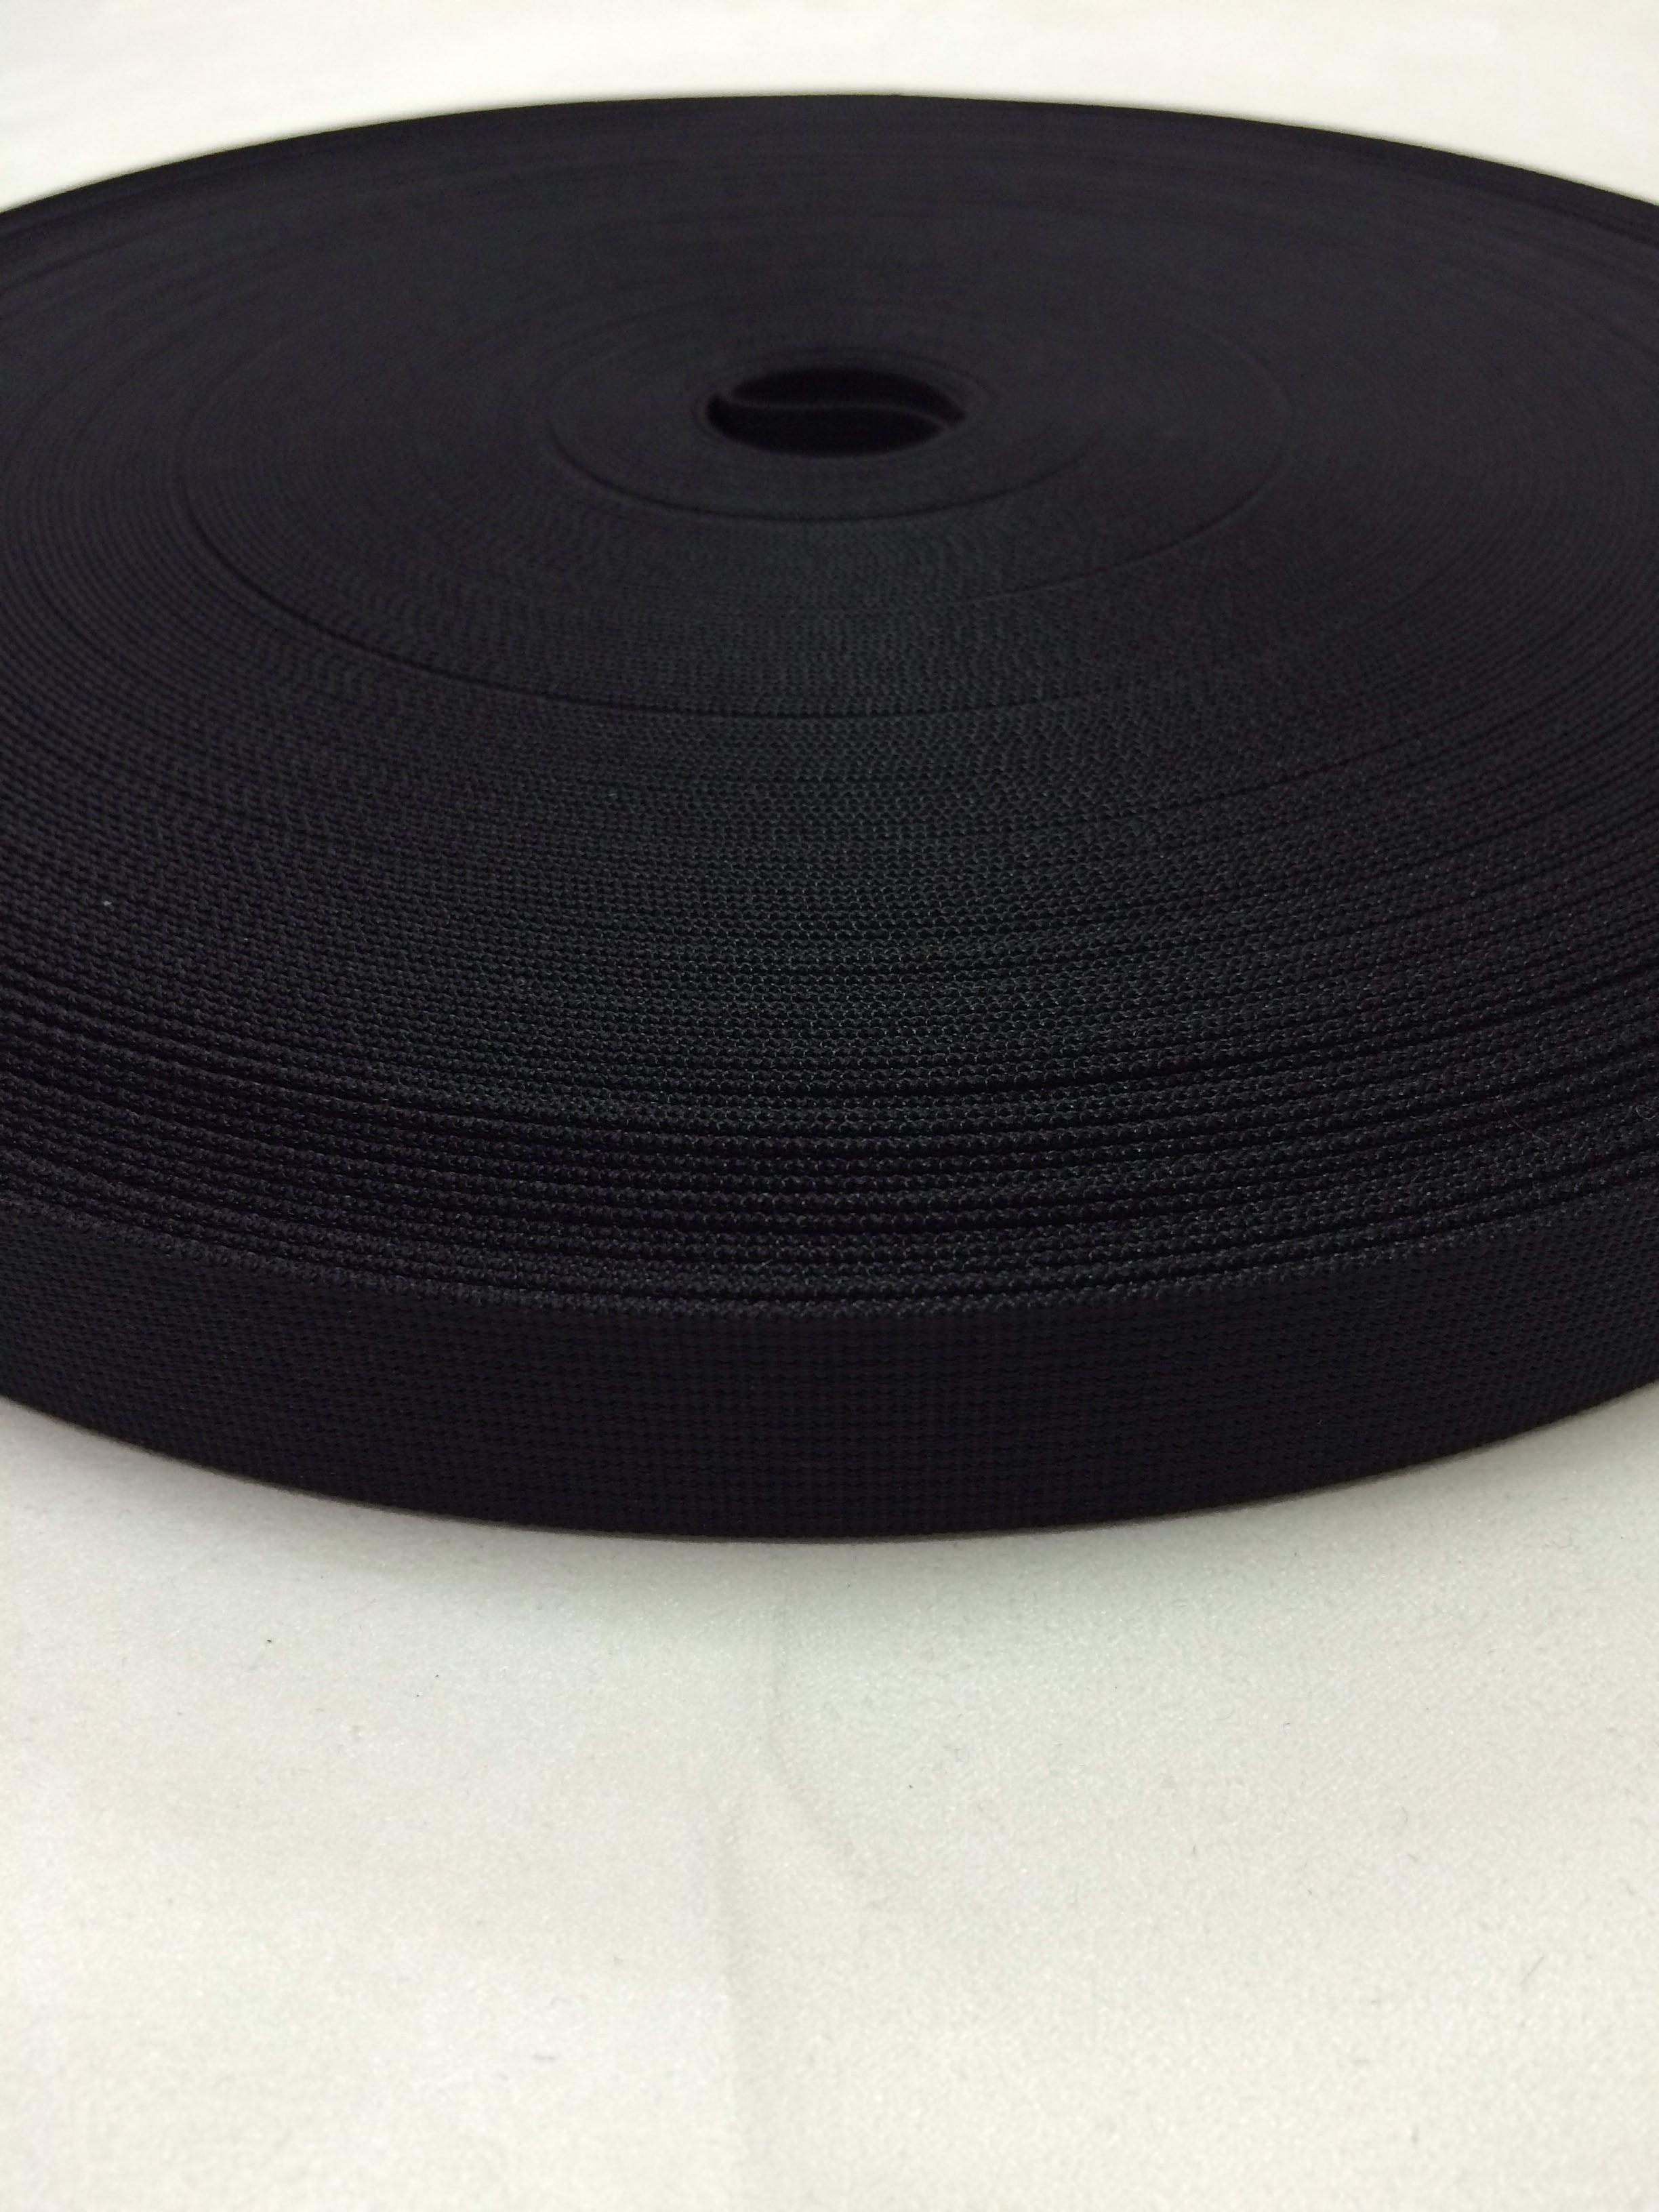 リュックのヒモ、ザックのヒモに最適な ナイロン ベルト 高密度 20mm幅 1mm厚 黒  1反50m